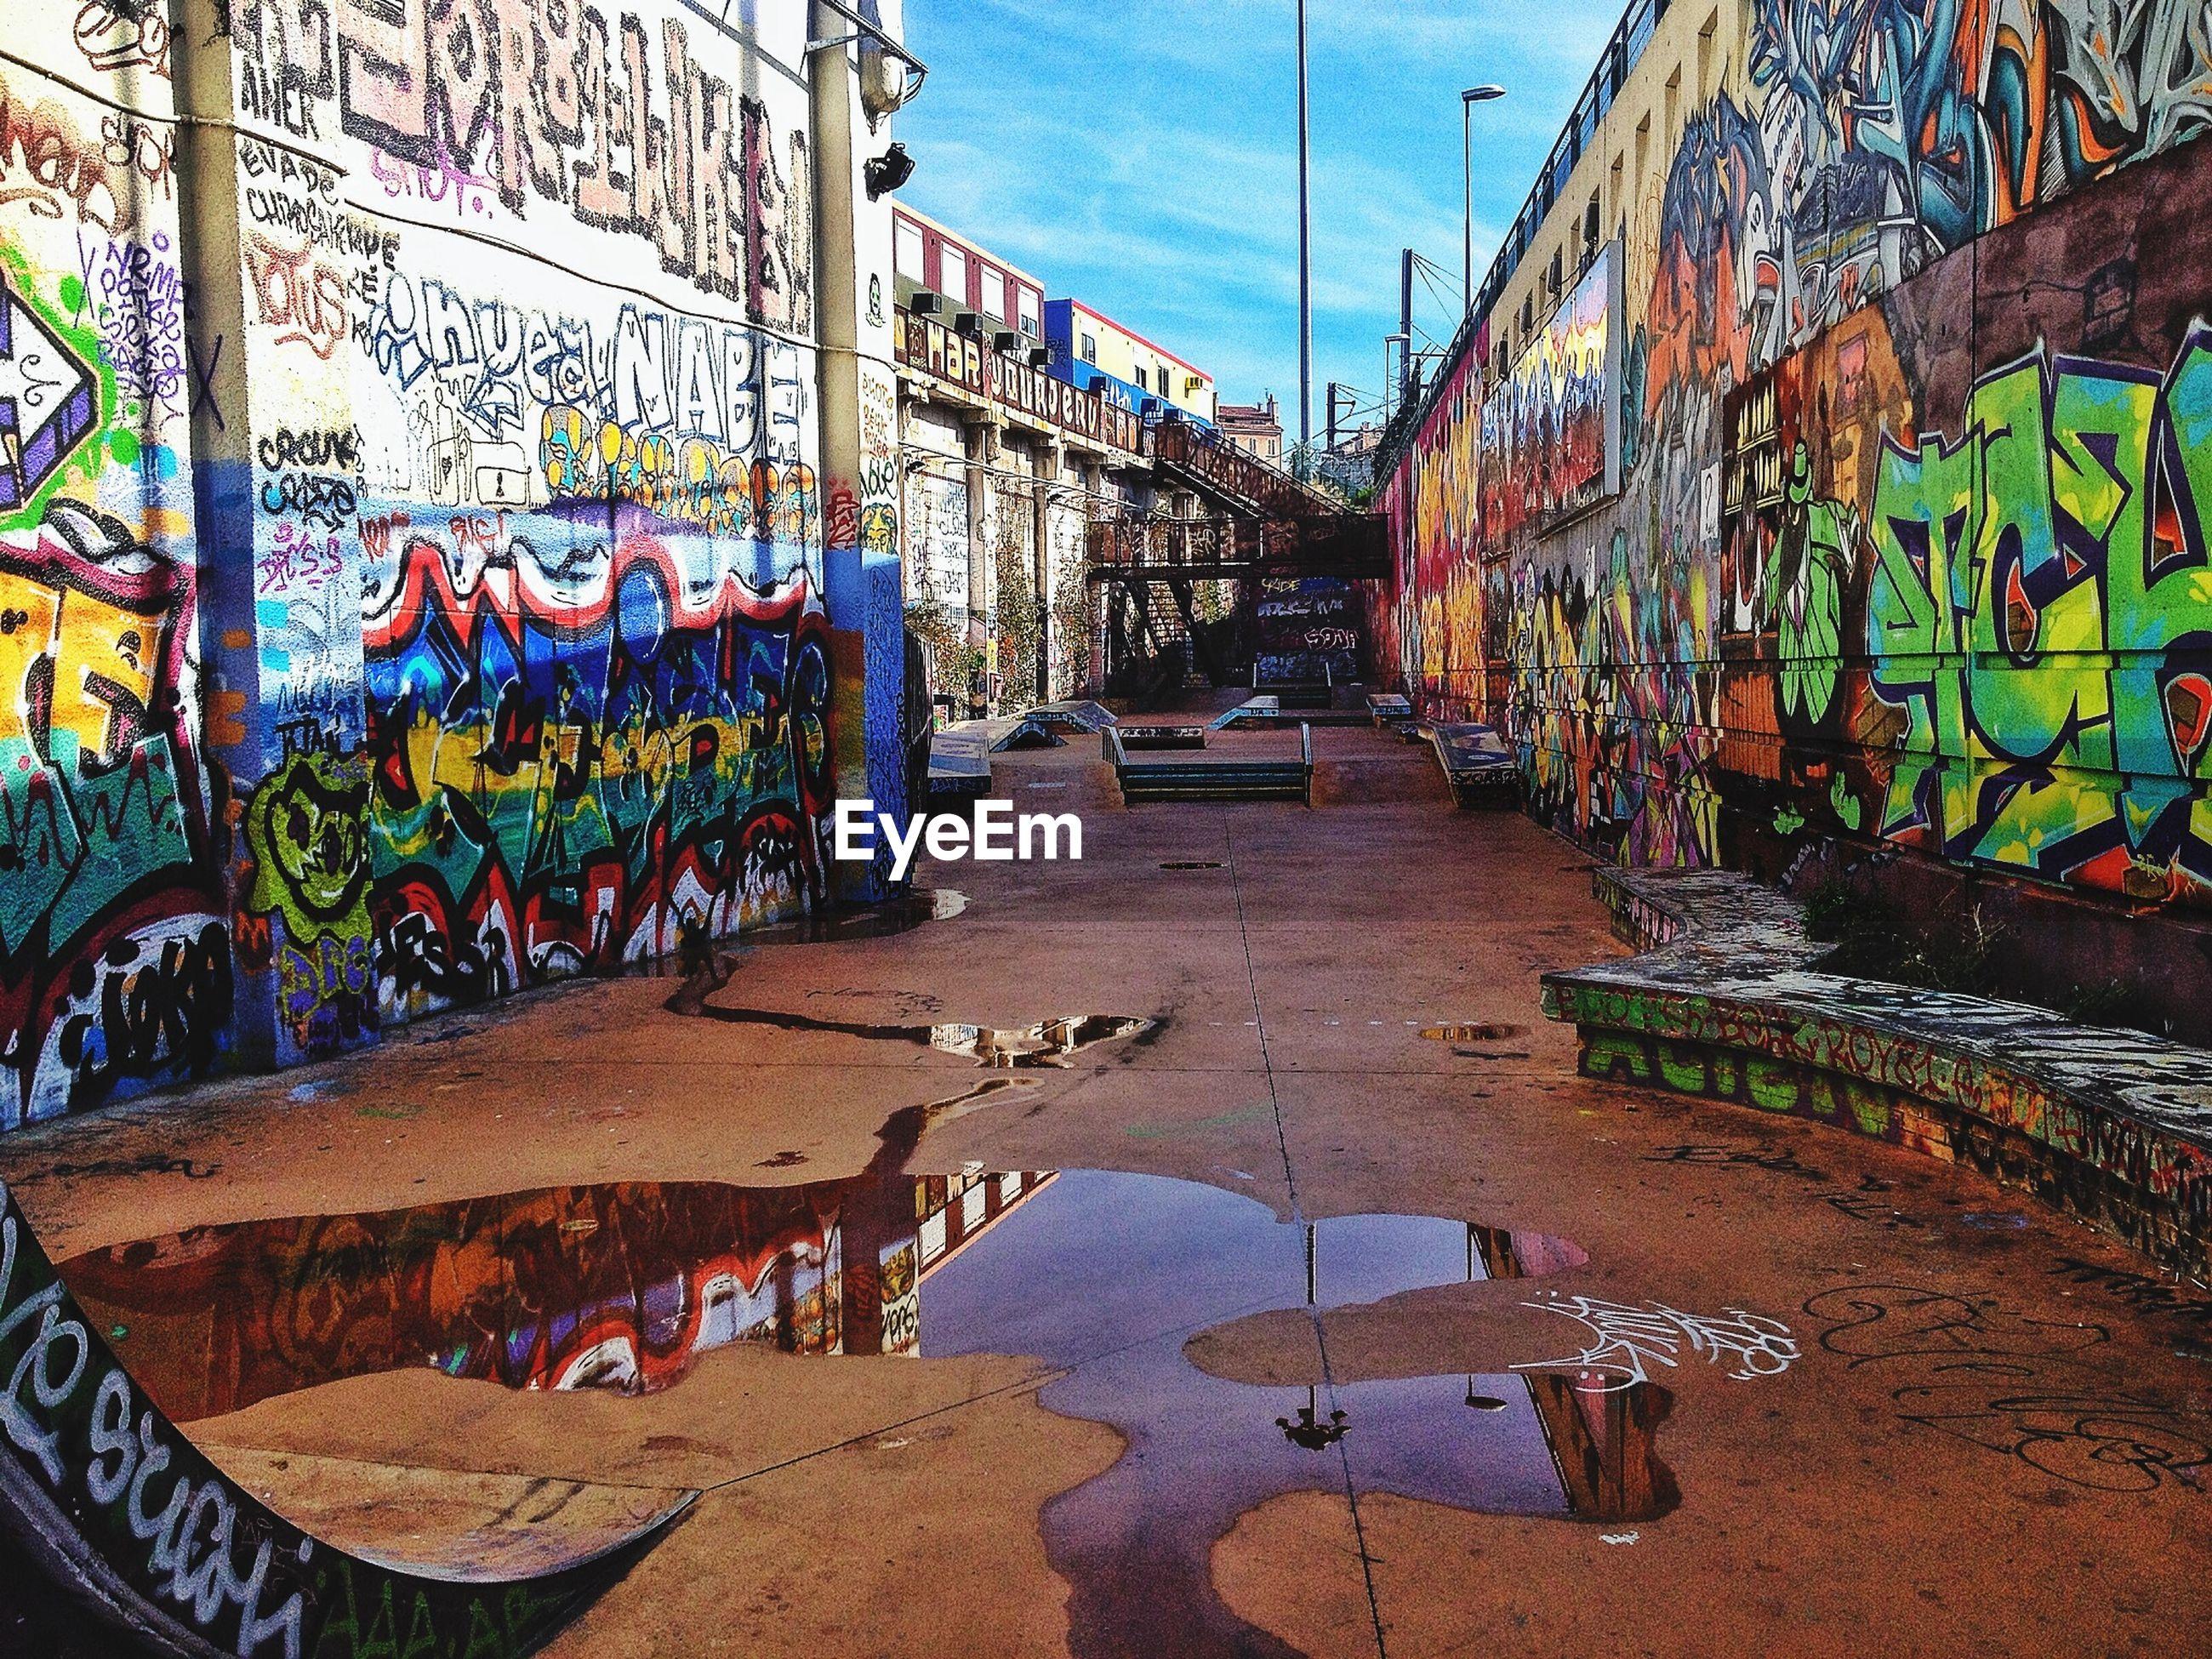 Walkway amidst graffiti walls